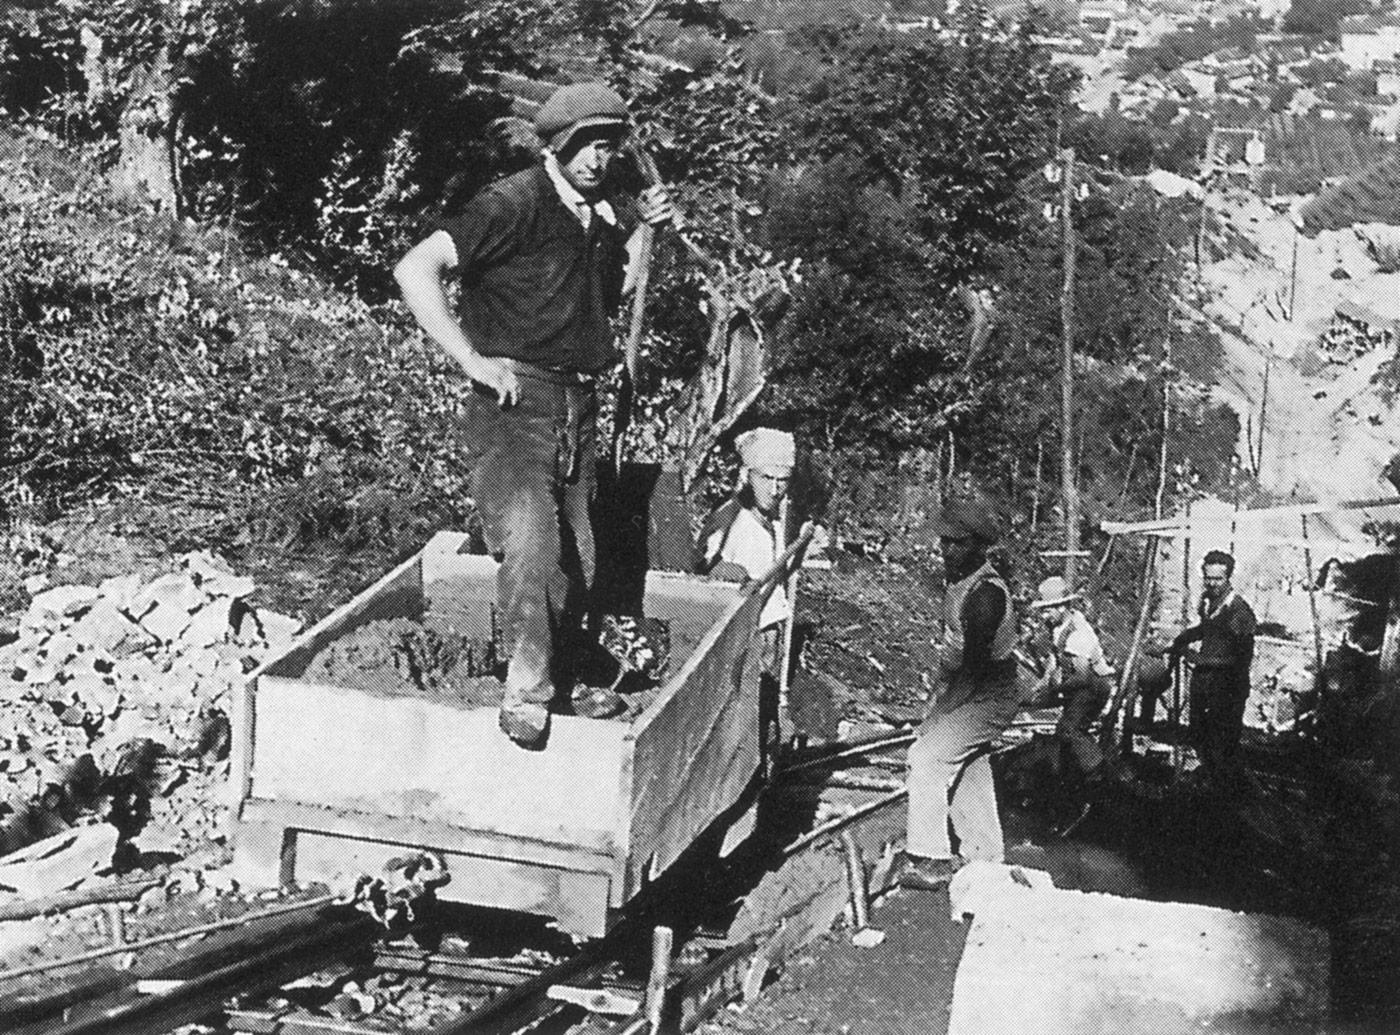 Lavori di costruzione della seconda condotta forzata, che nel 1935 venne affiancata alla prima tubazione, ormai insufficiente per garantire un esercizio ottimale dell'impianto. La condotta odierna, posata nel 1969, segue il tracciato di una delle due strutture preesistenti, che sono state smantellate.